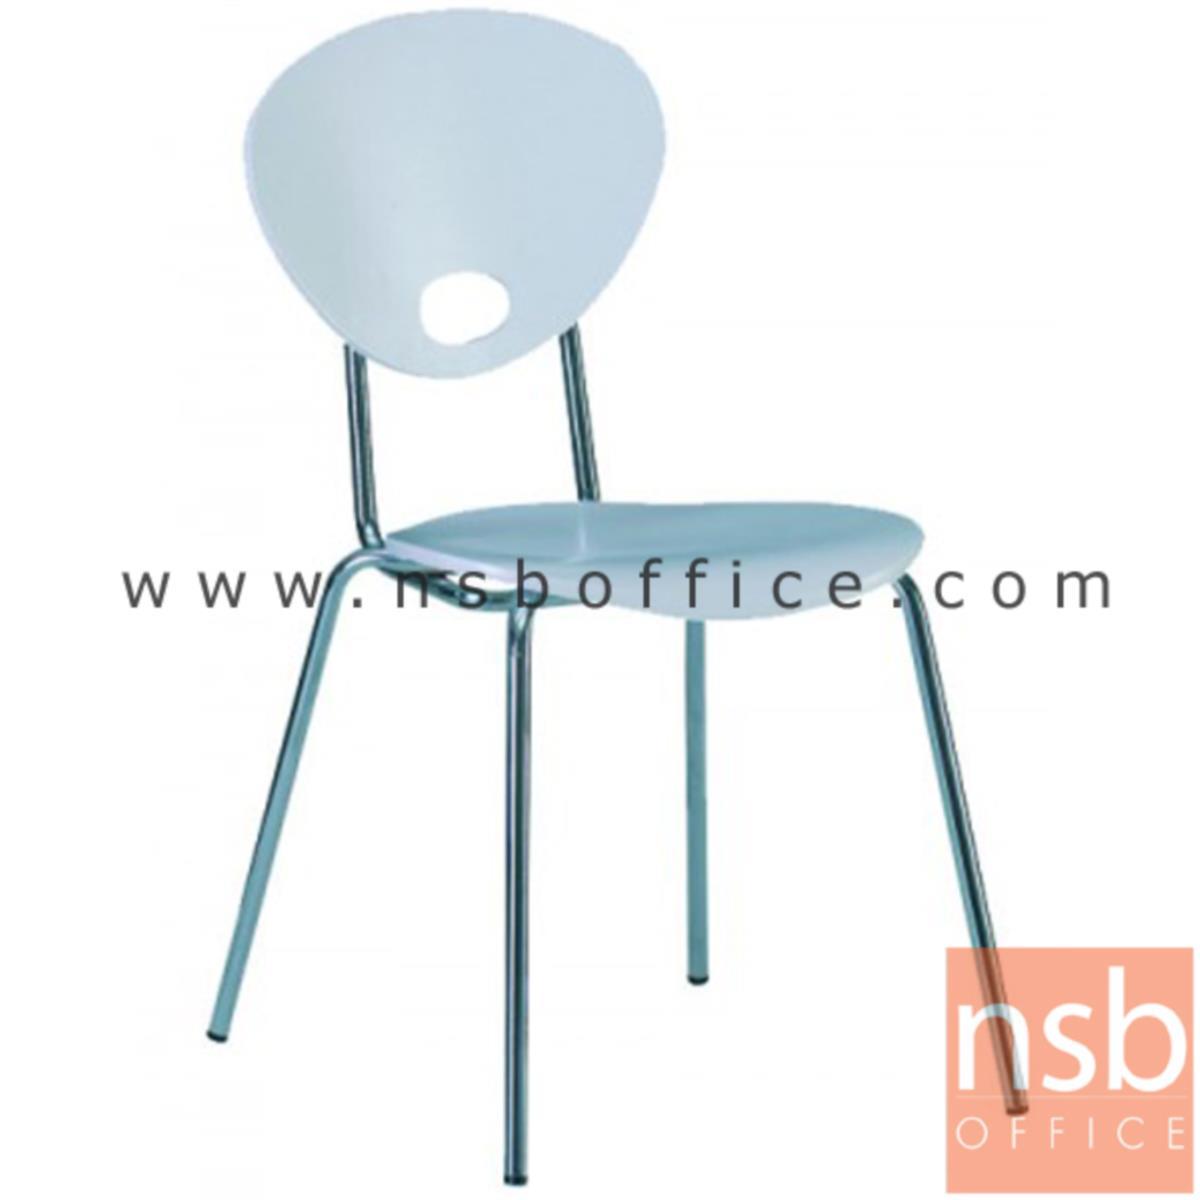 เก้าอี้อเนกประสงค์ไม้วีเนียร์ดัด รุ่น Chandler (แชนด์เลอร์)  ขาเหล็กชุบโครเมี่ยม